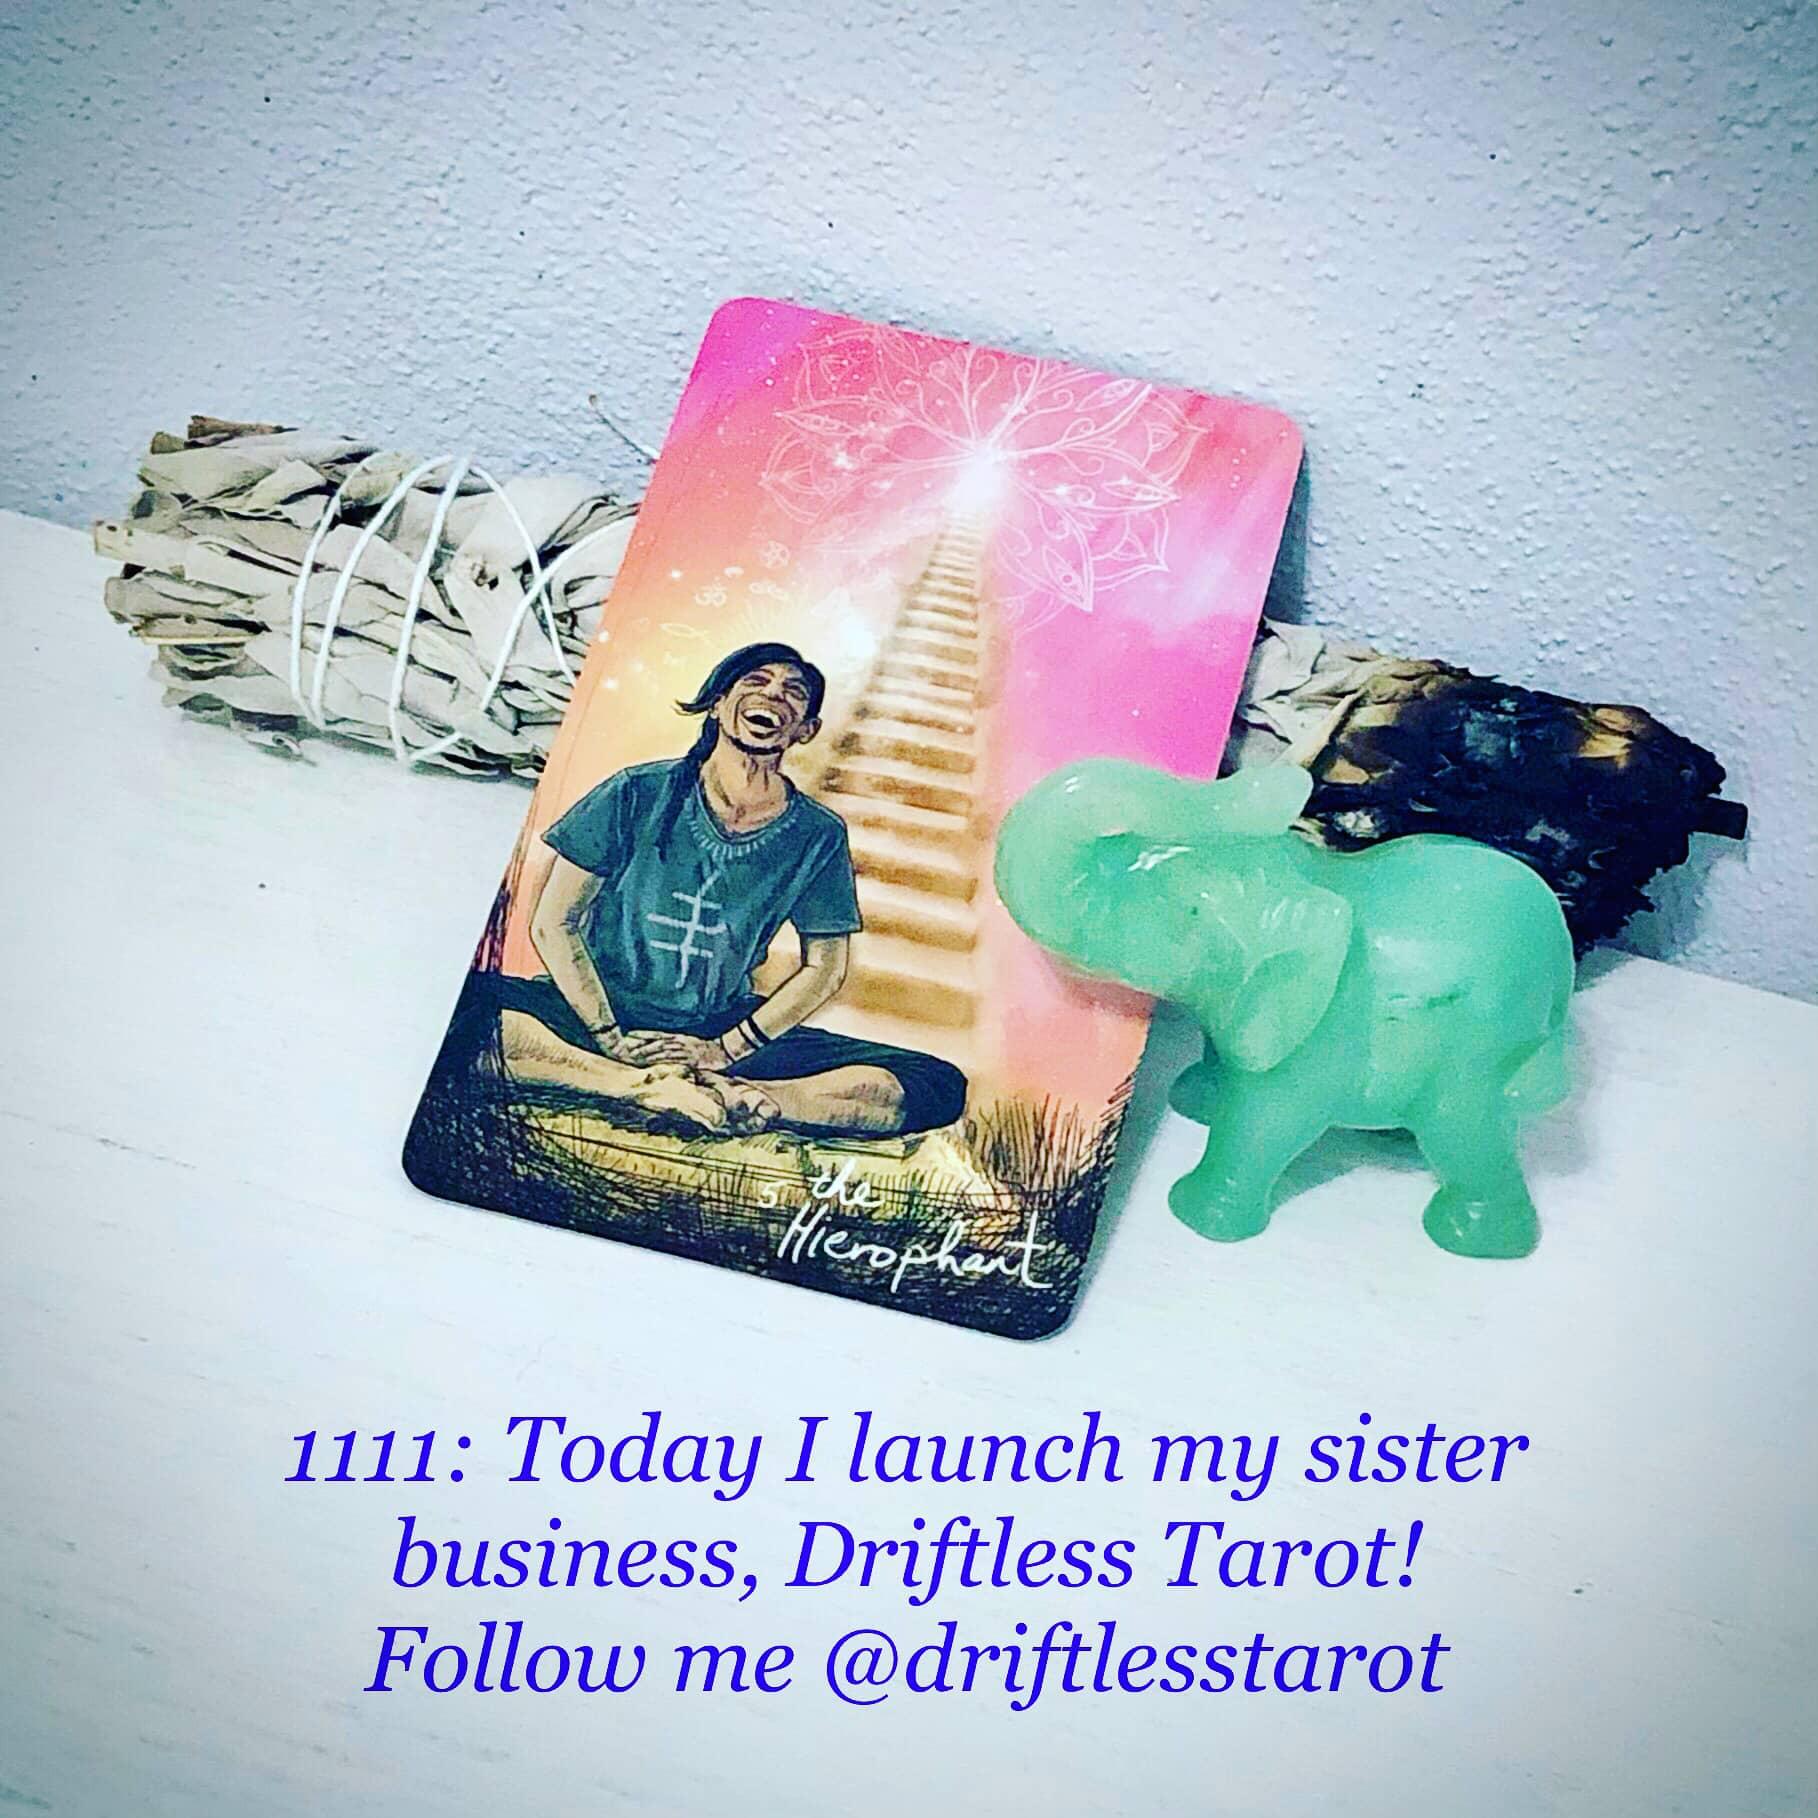 Driftless Tarot 1111